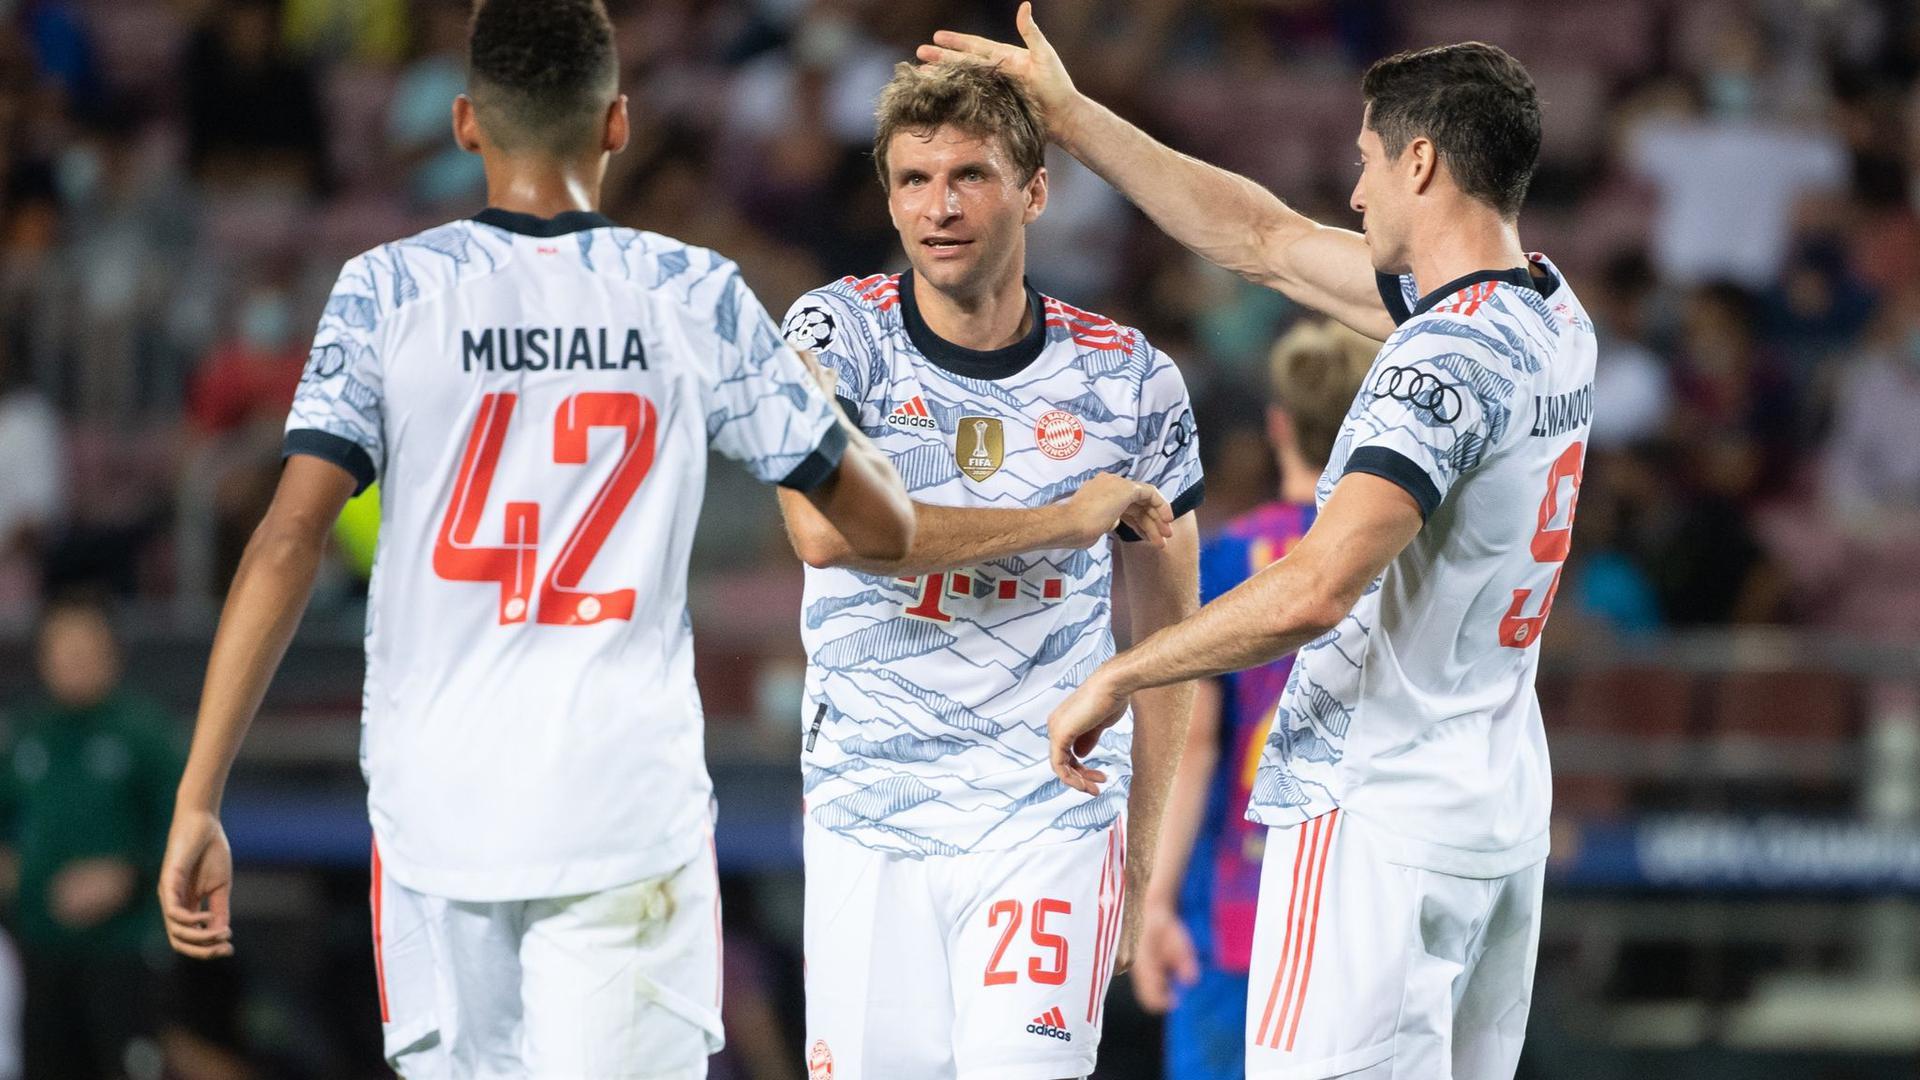 Auch die Trikots der Bayern-Stars um Jamal Musiala, Thomas Müller und Robert Lewandowski (l-r) sorgten für Aufsehen.